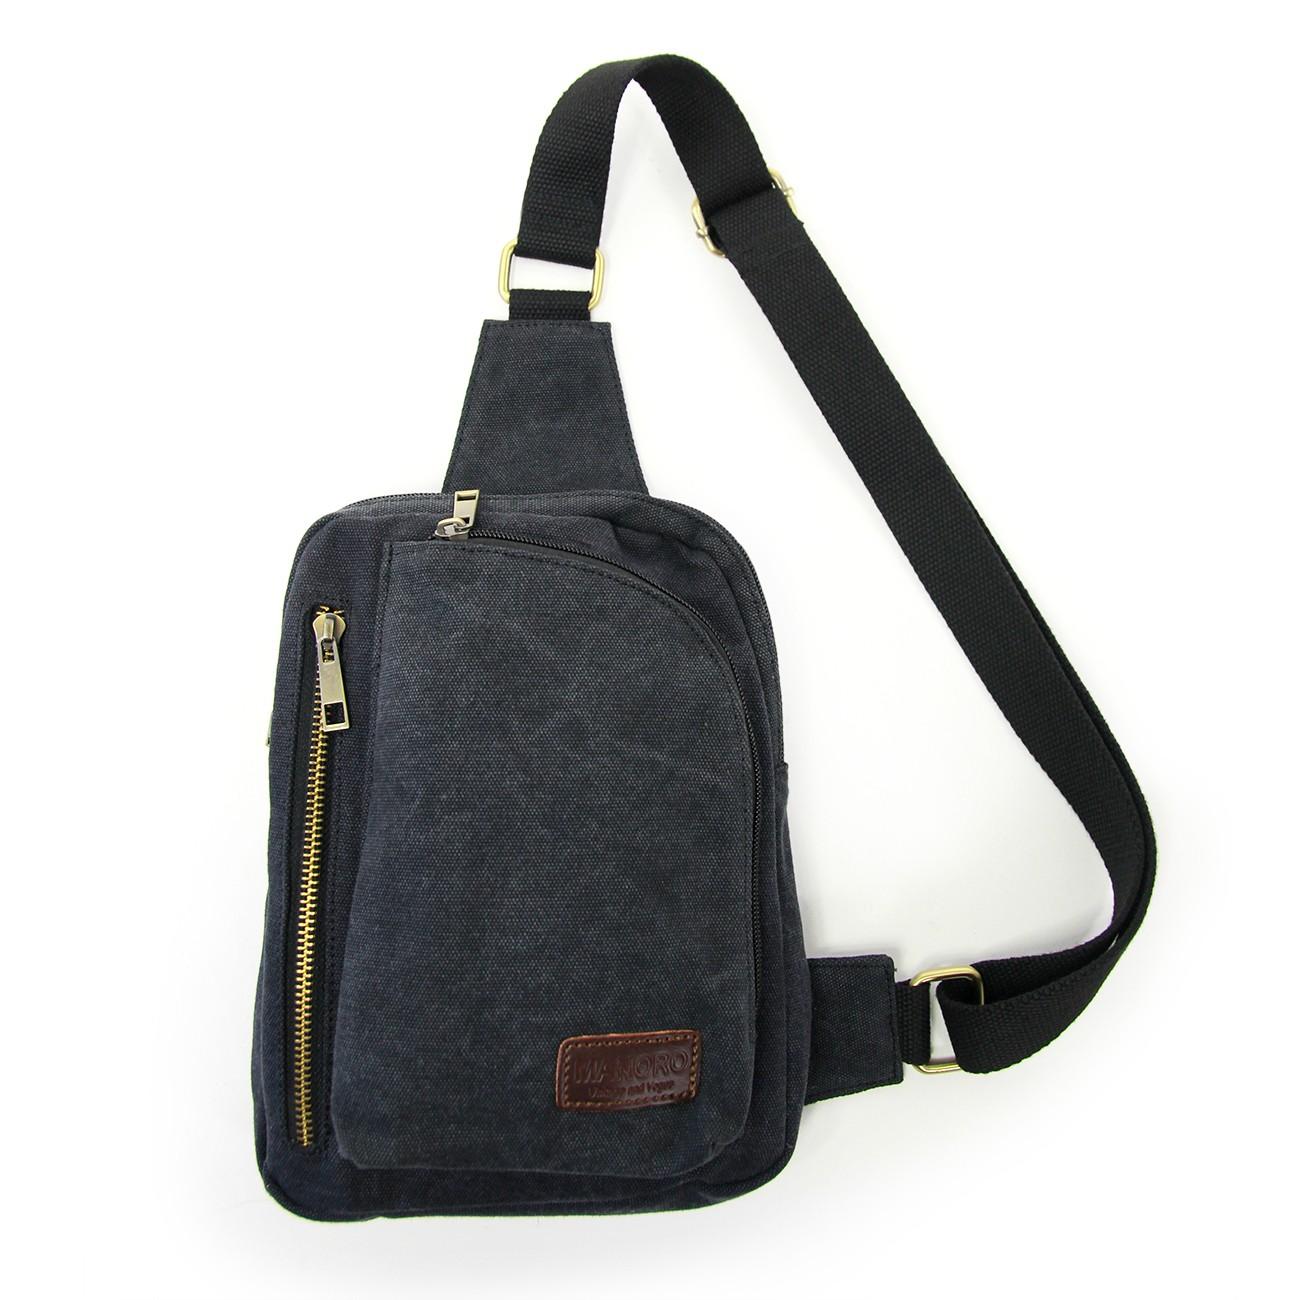 Umhängetasche Canvas schwarz Bodybag Crossover Manoro OTK213S